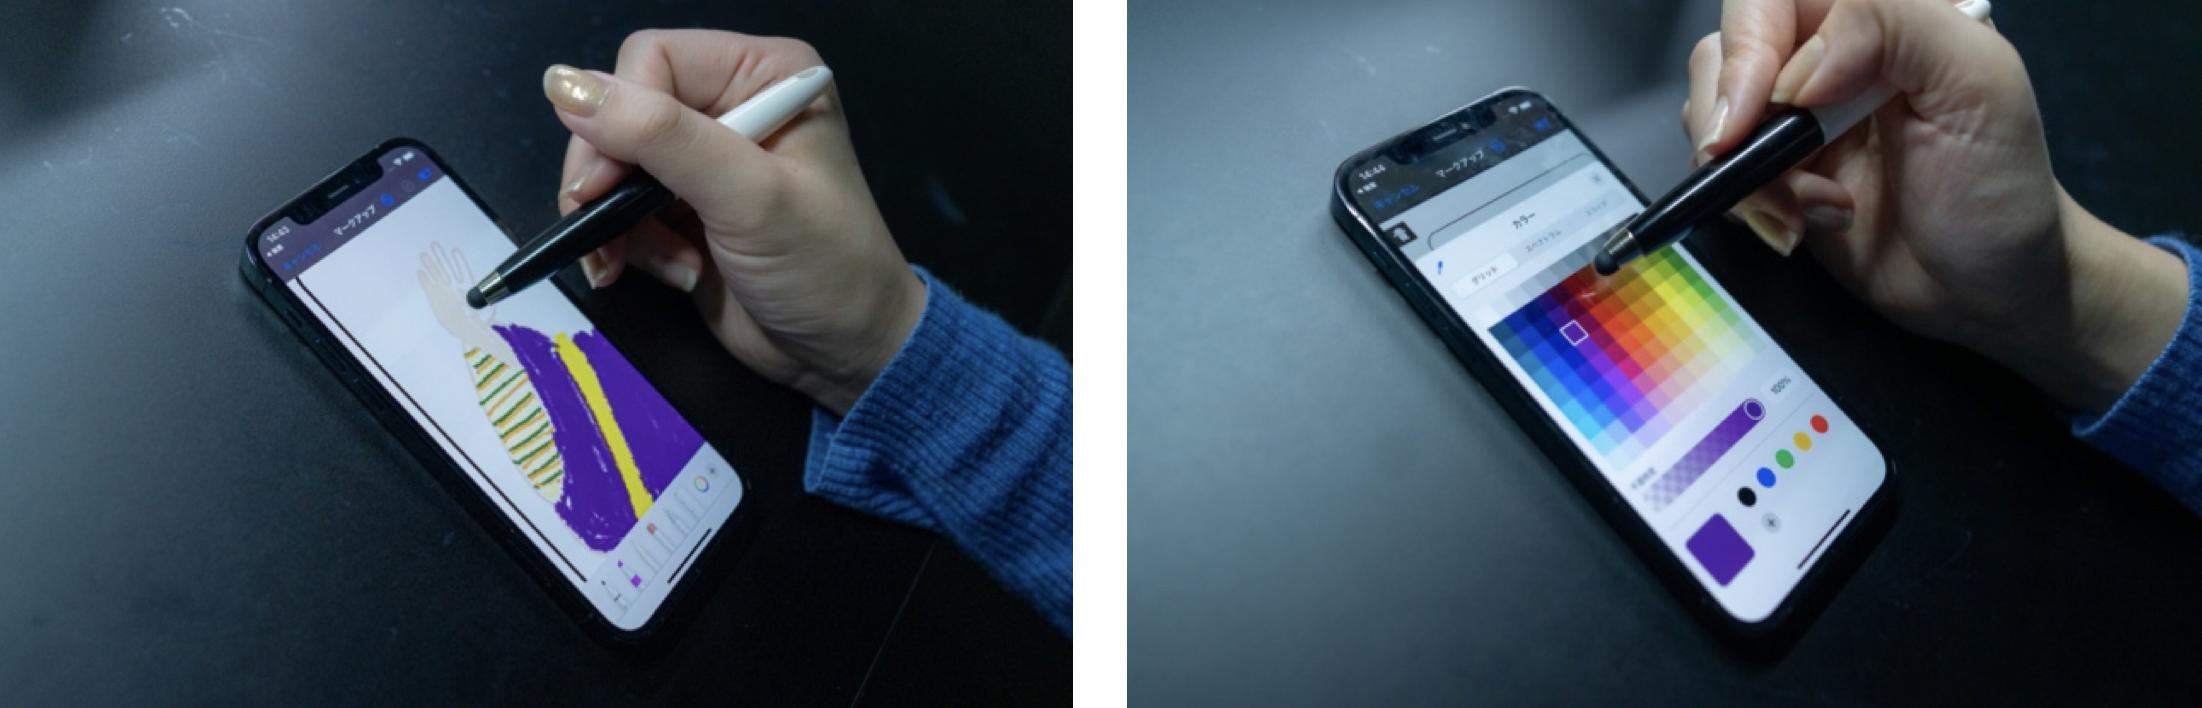 KDDIのコンセプトショップ GINZA 456 とチームラボとのコラボによる体験型イベント Walk, Walk, Walk Home においてスマホの専用アプリでぬり絵する女性